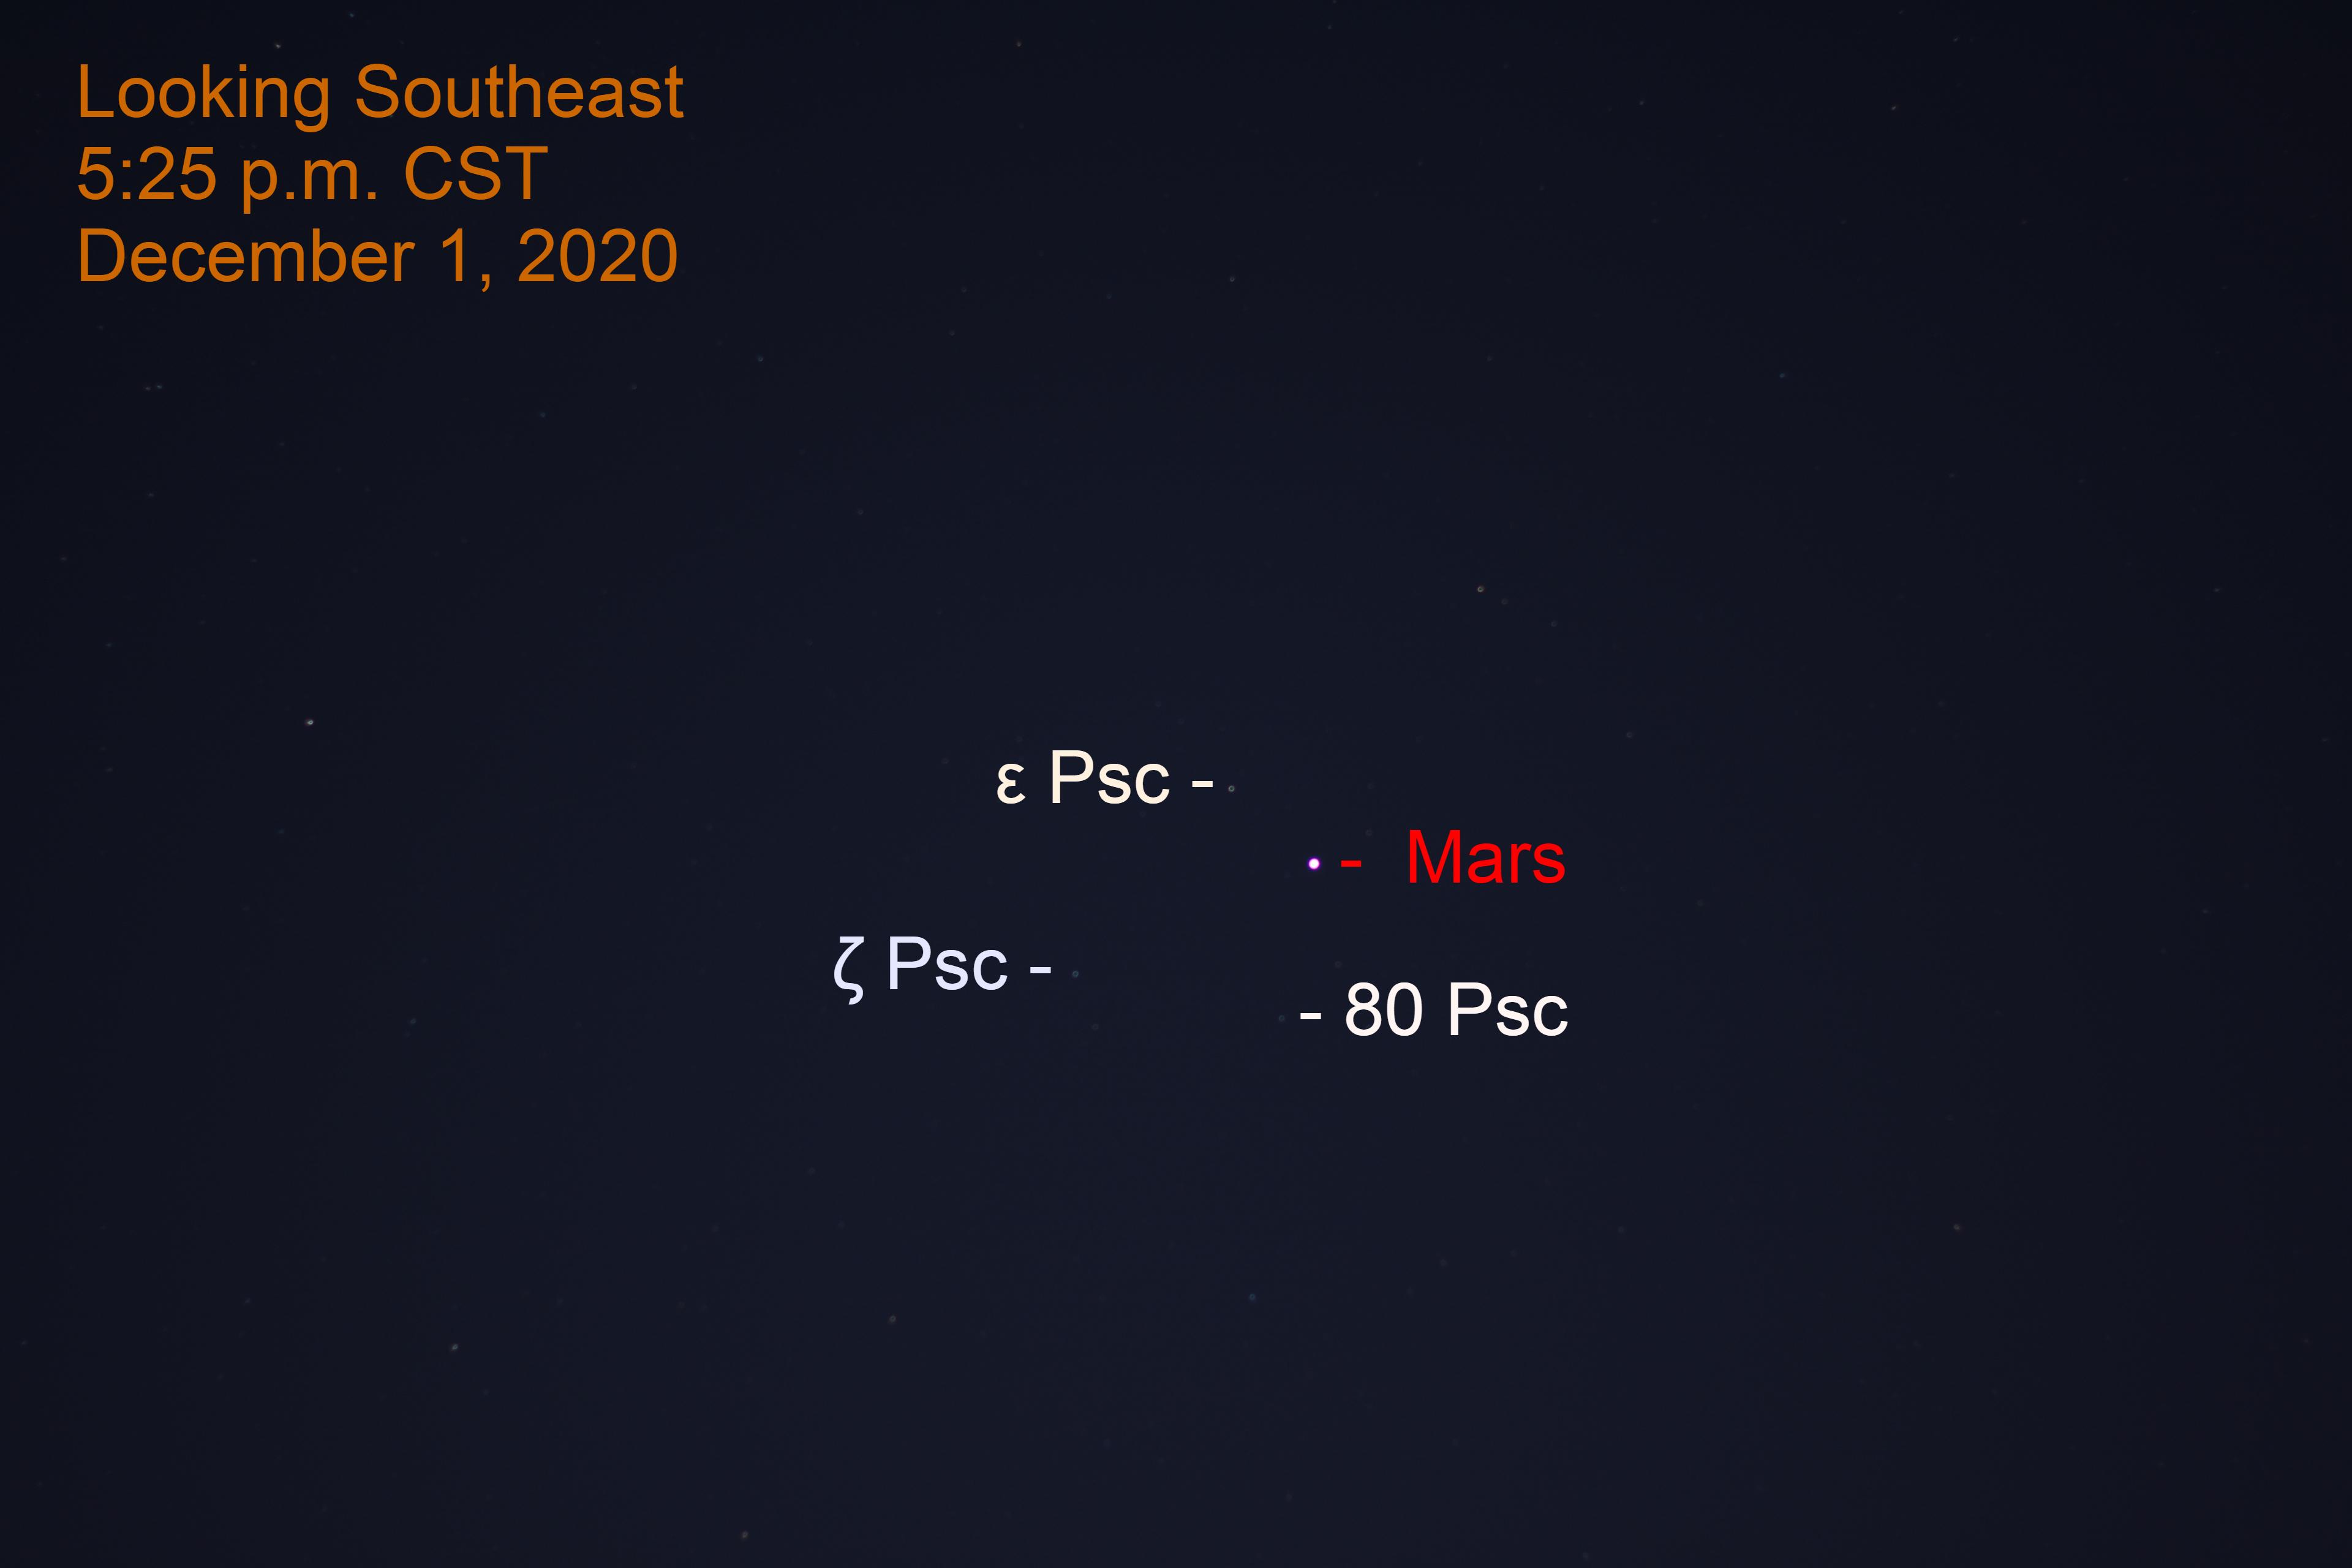 Mars, December 1, 2020